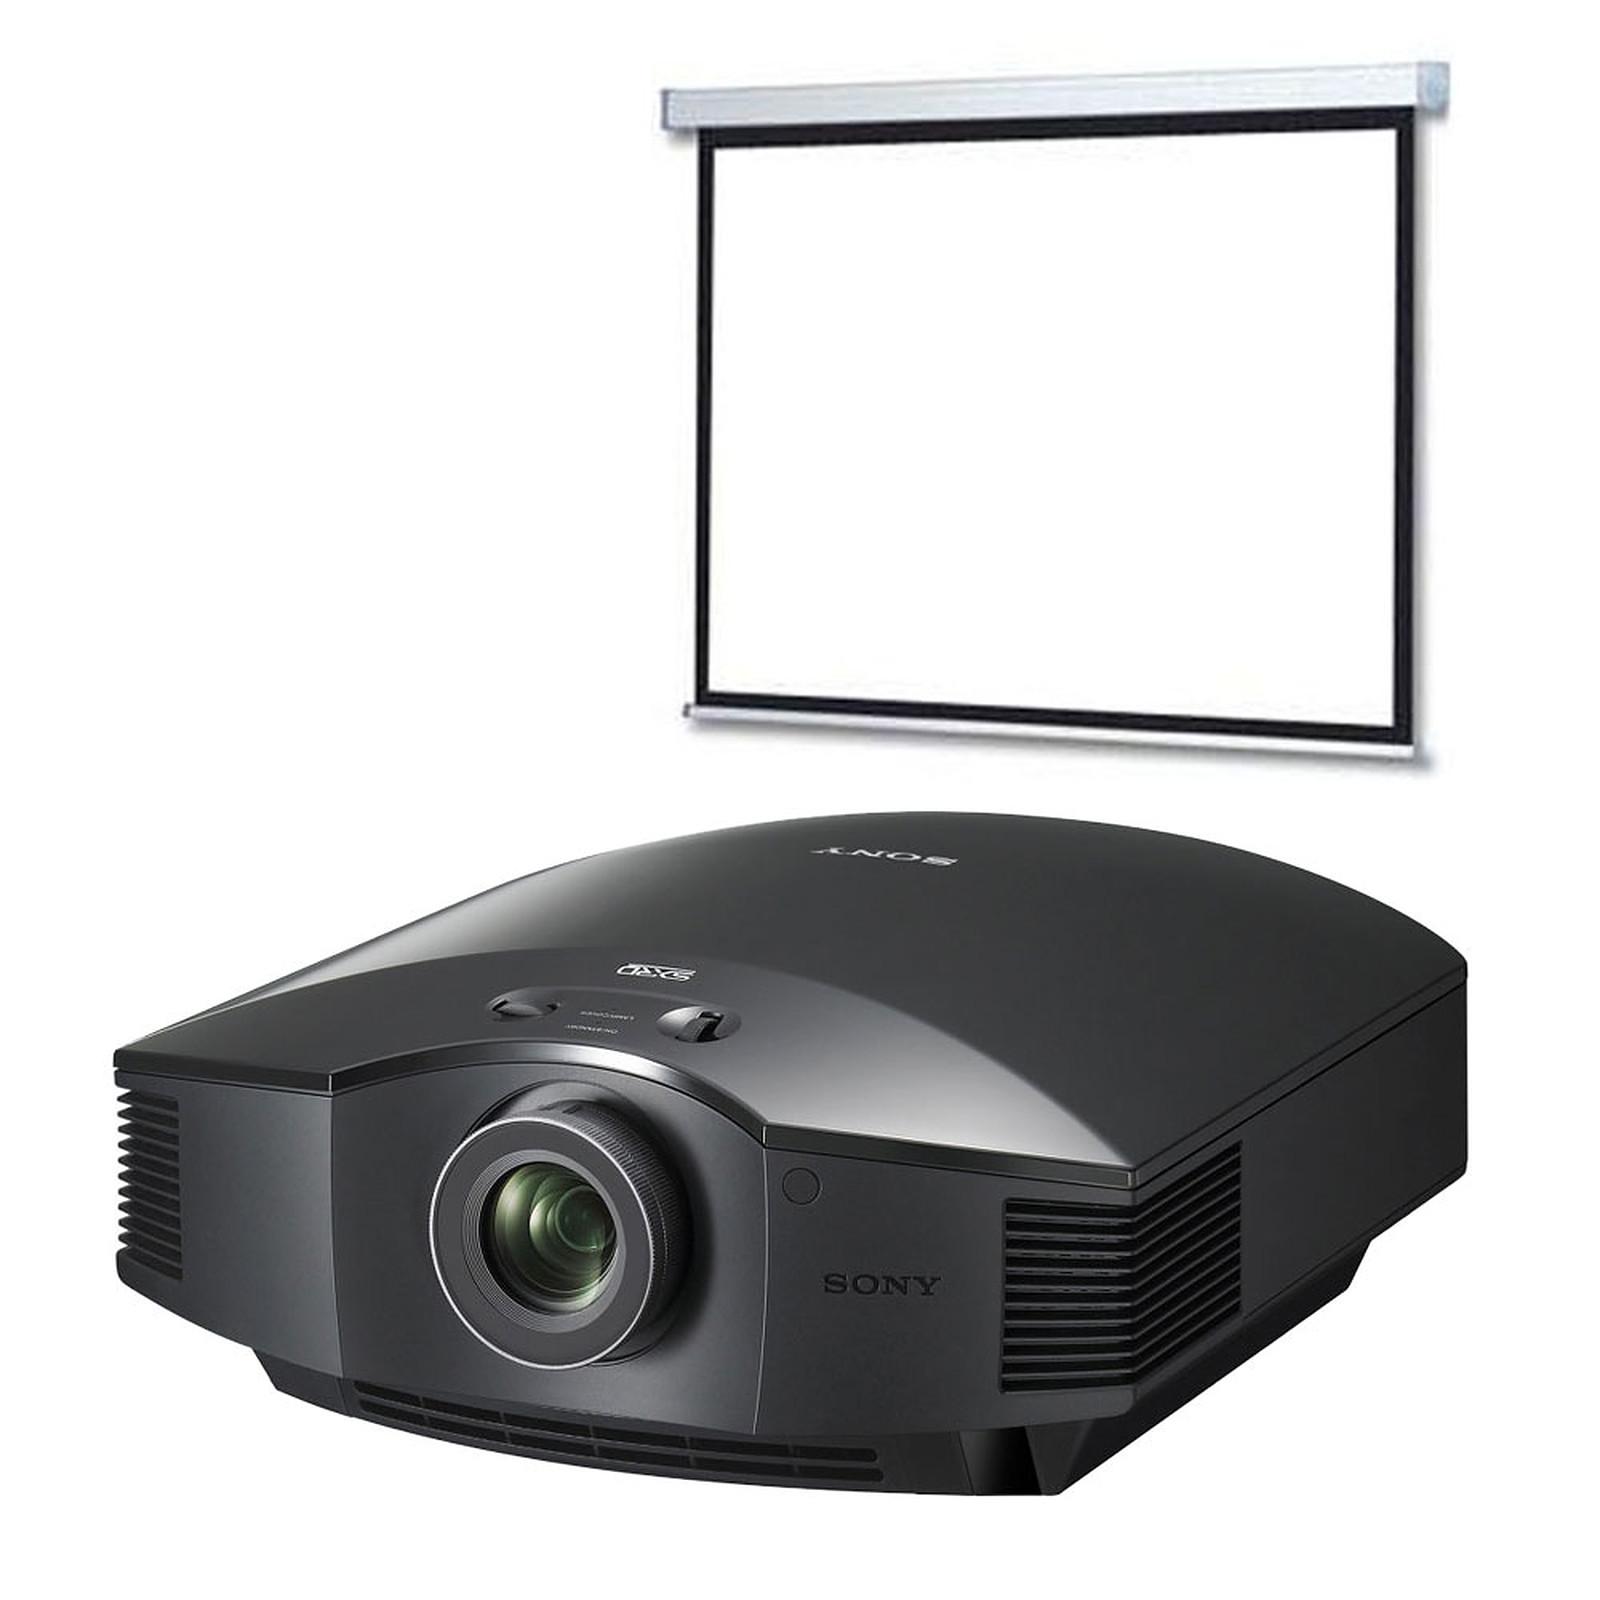 Sony VPL-HW55ES Noir + LDLC Écran motorisé 16:9 - 240 x 135 cm